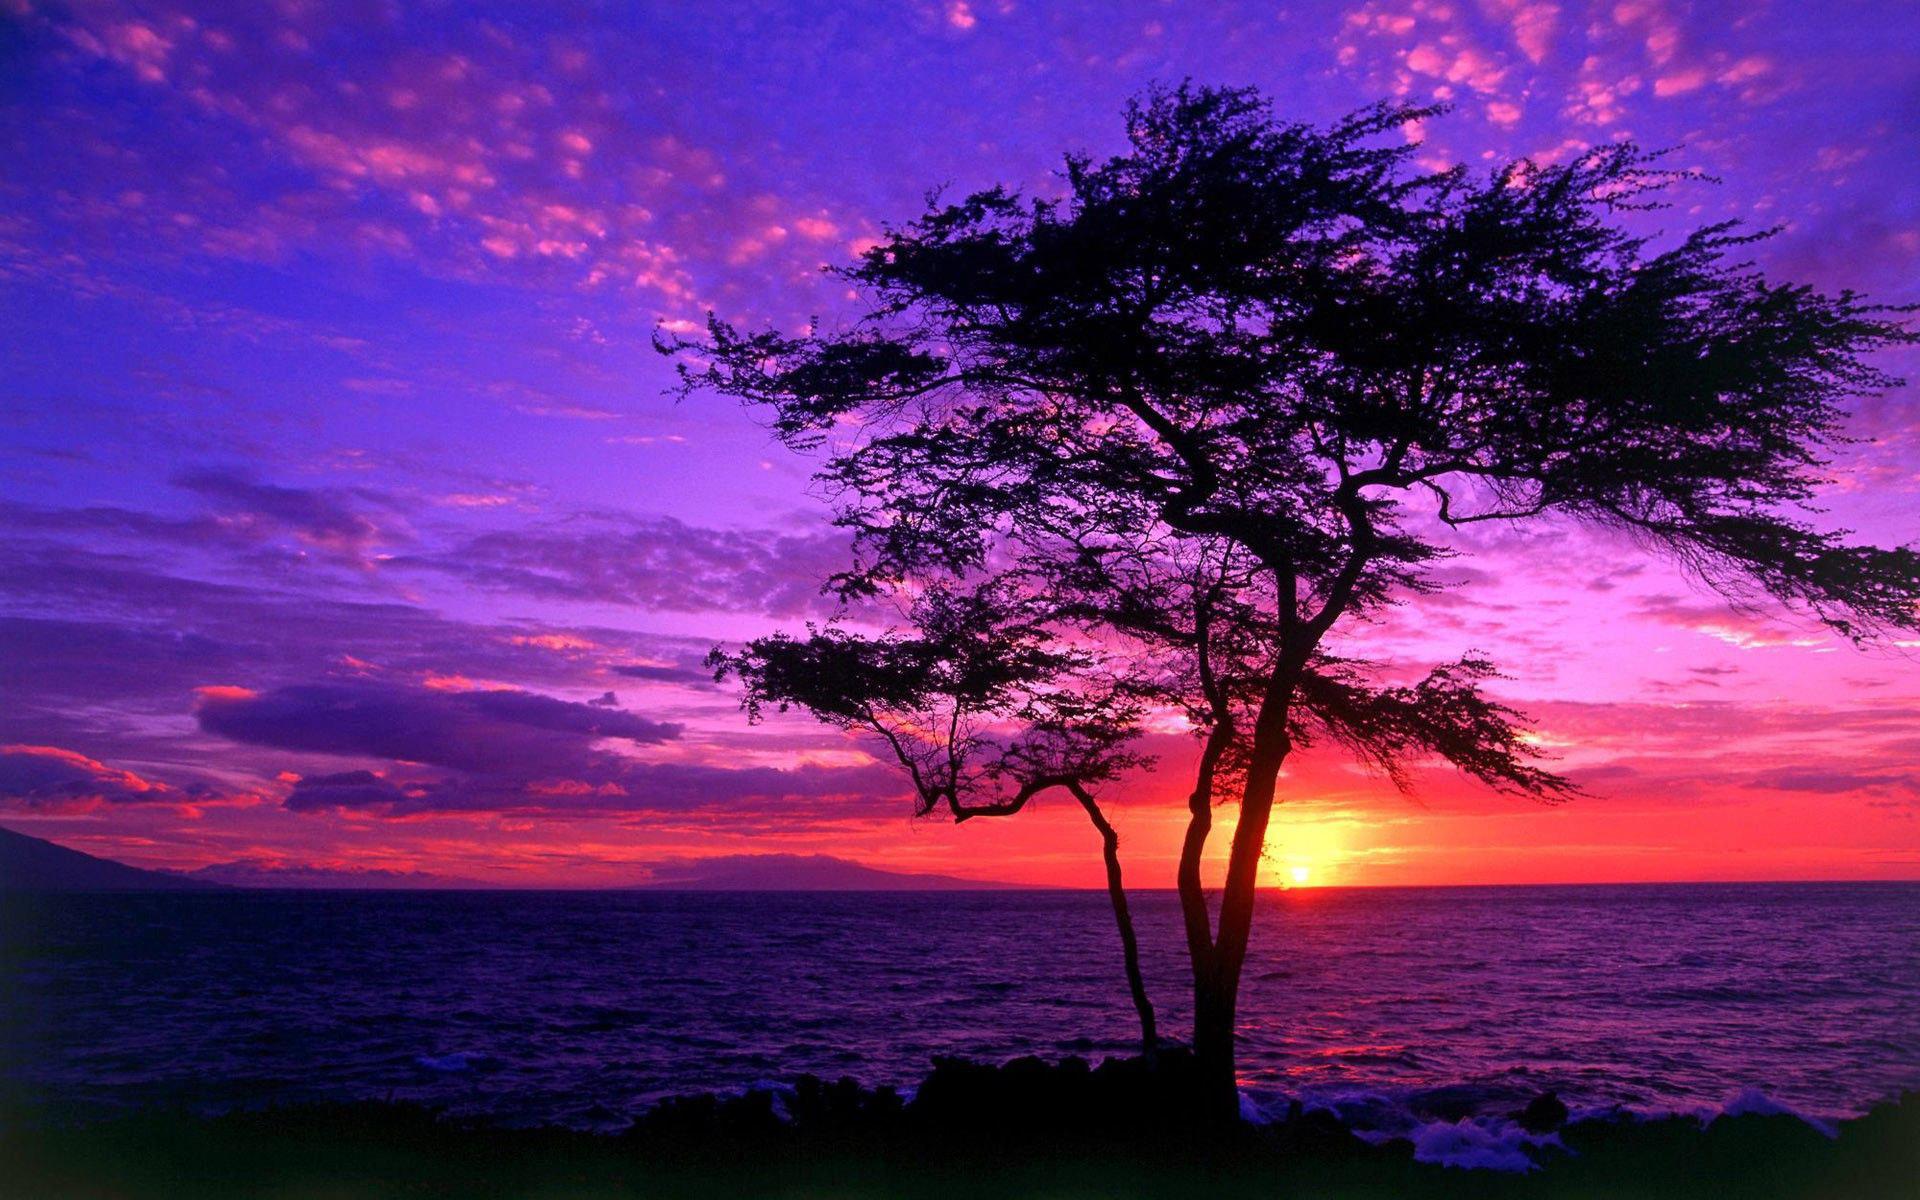 Tree silhouette in the sunrise wallpaper Wallpaper Wide HD 1920x1200